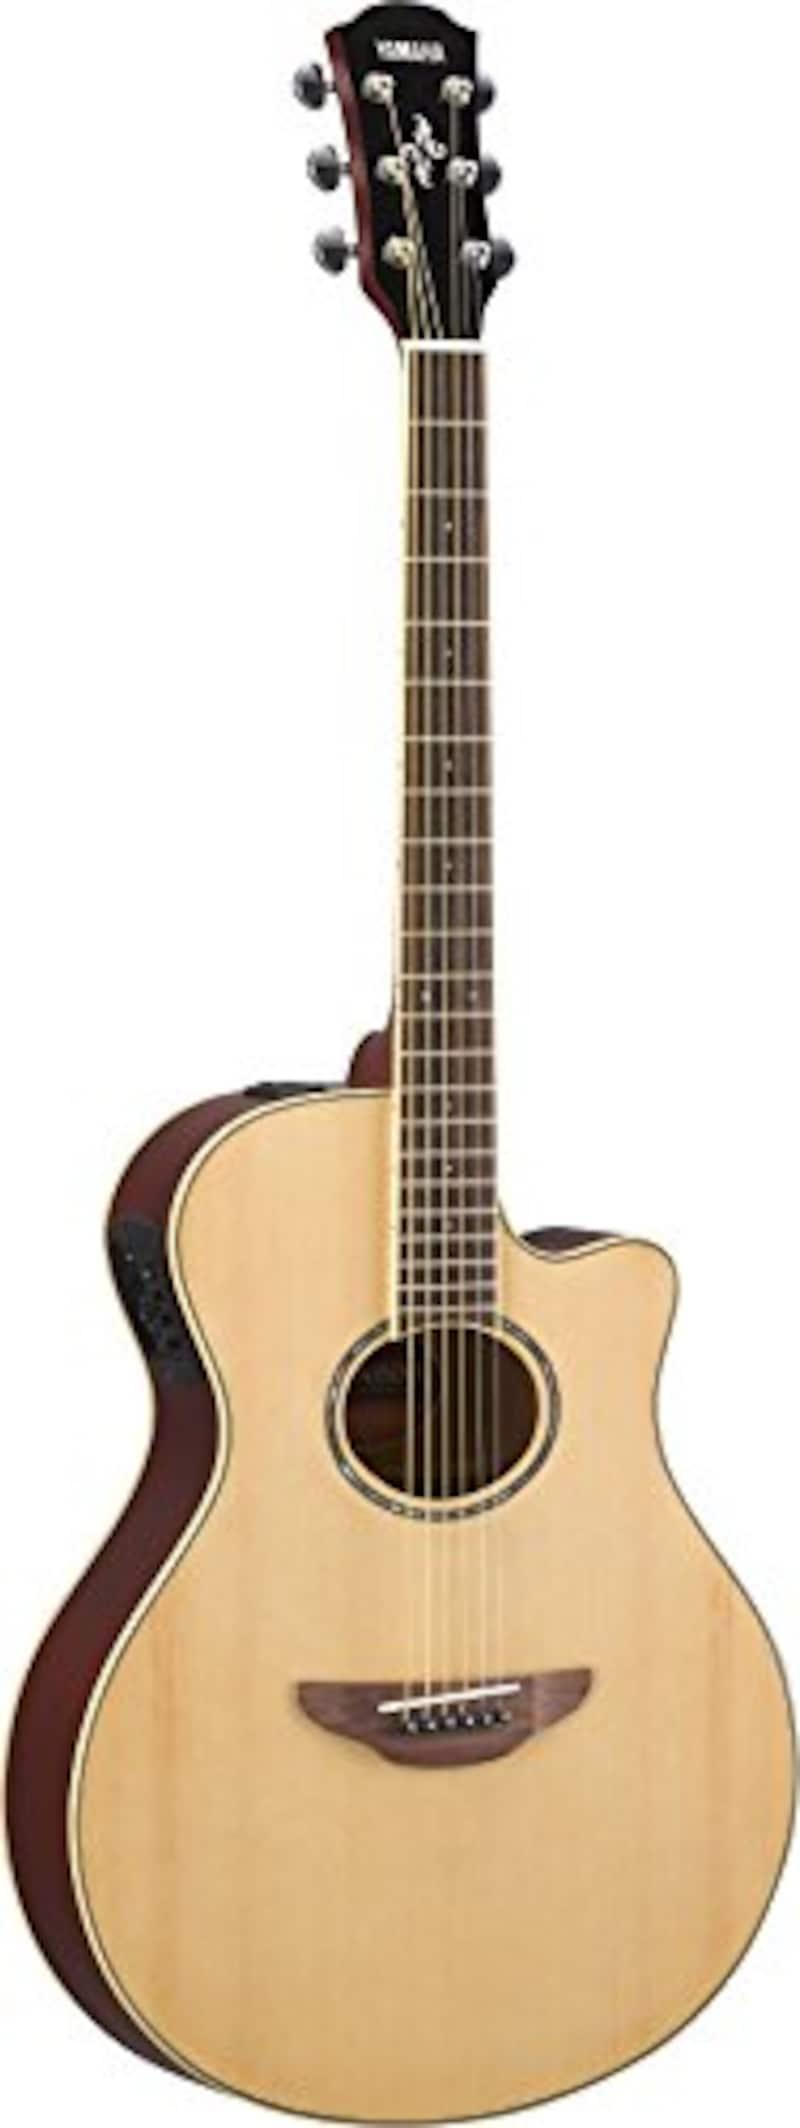 YAMAHA,エレクトリック・アコースティックギター,APX600 NT